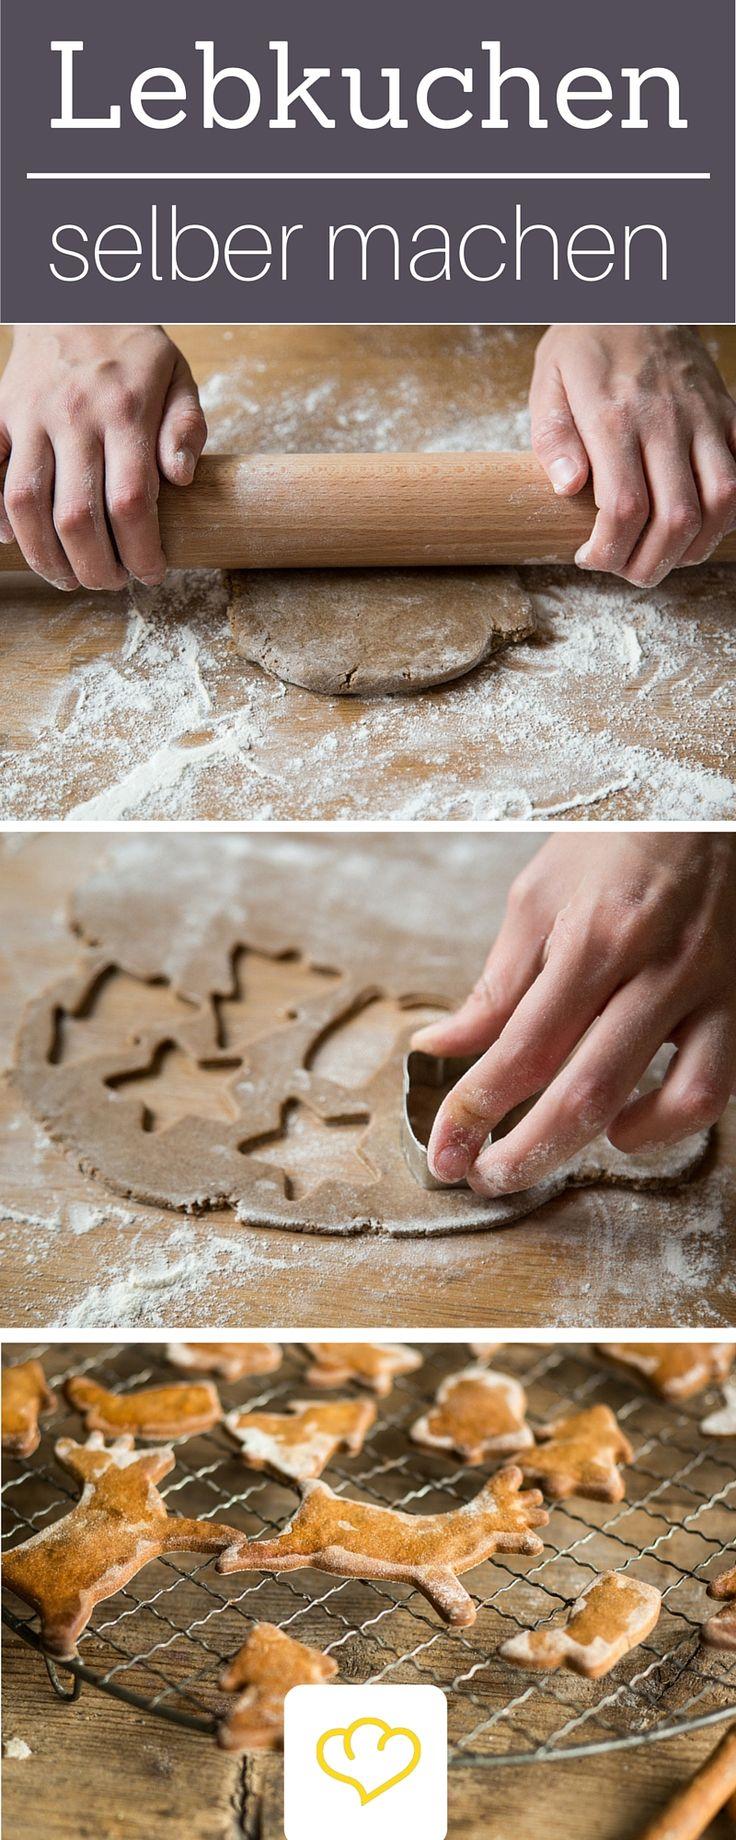 Weihnachten ohne Lebkuchen? Undenkbar! Schritt-für-Schritt erklärt wie du Lebkuchen ganz einfach zuhause selber machen kannst!